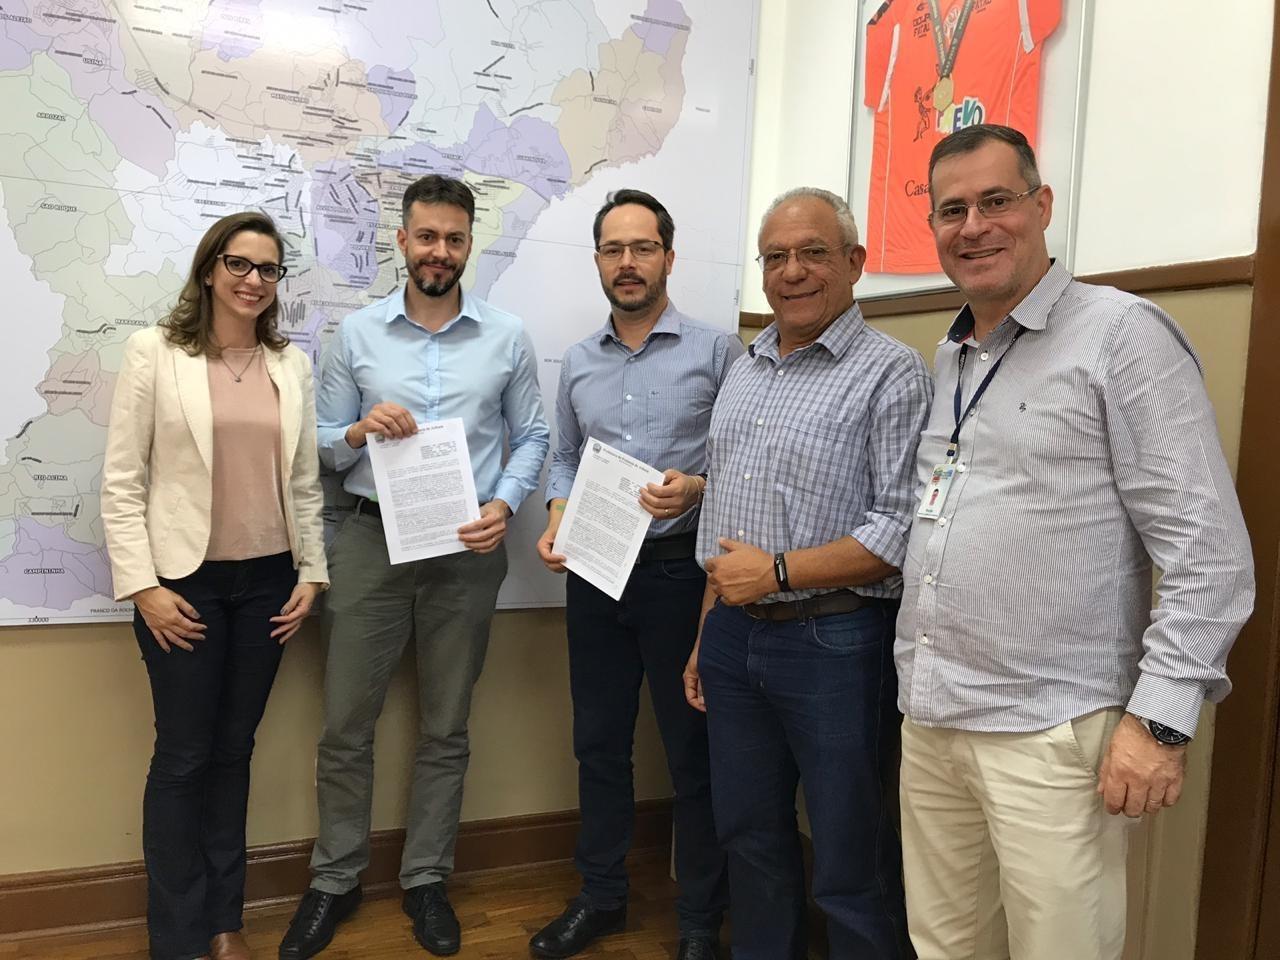 Prefeitura de Atibaia e UNIFAAT assinam convênio que prevê bolsas de estudos para servidores públicos